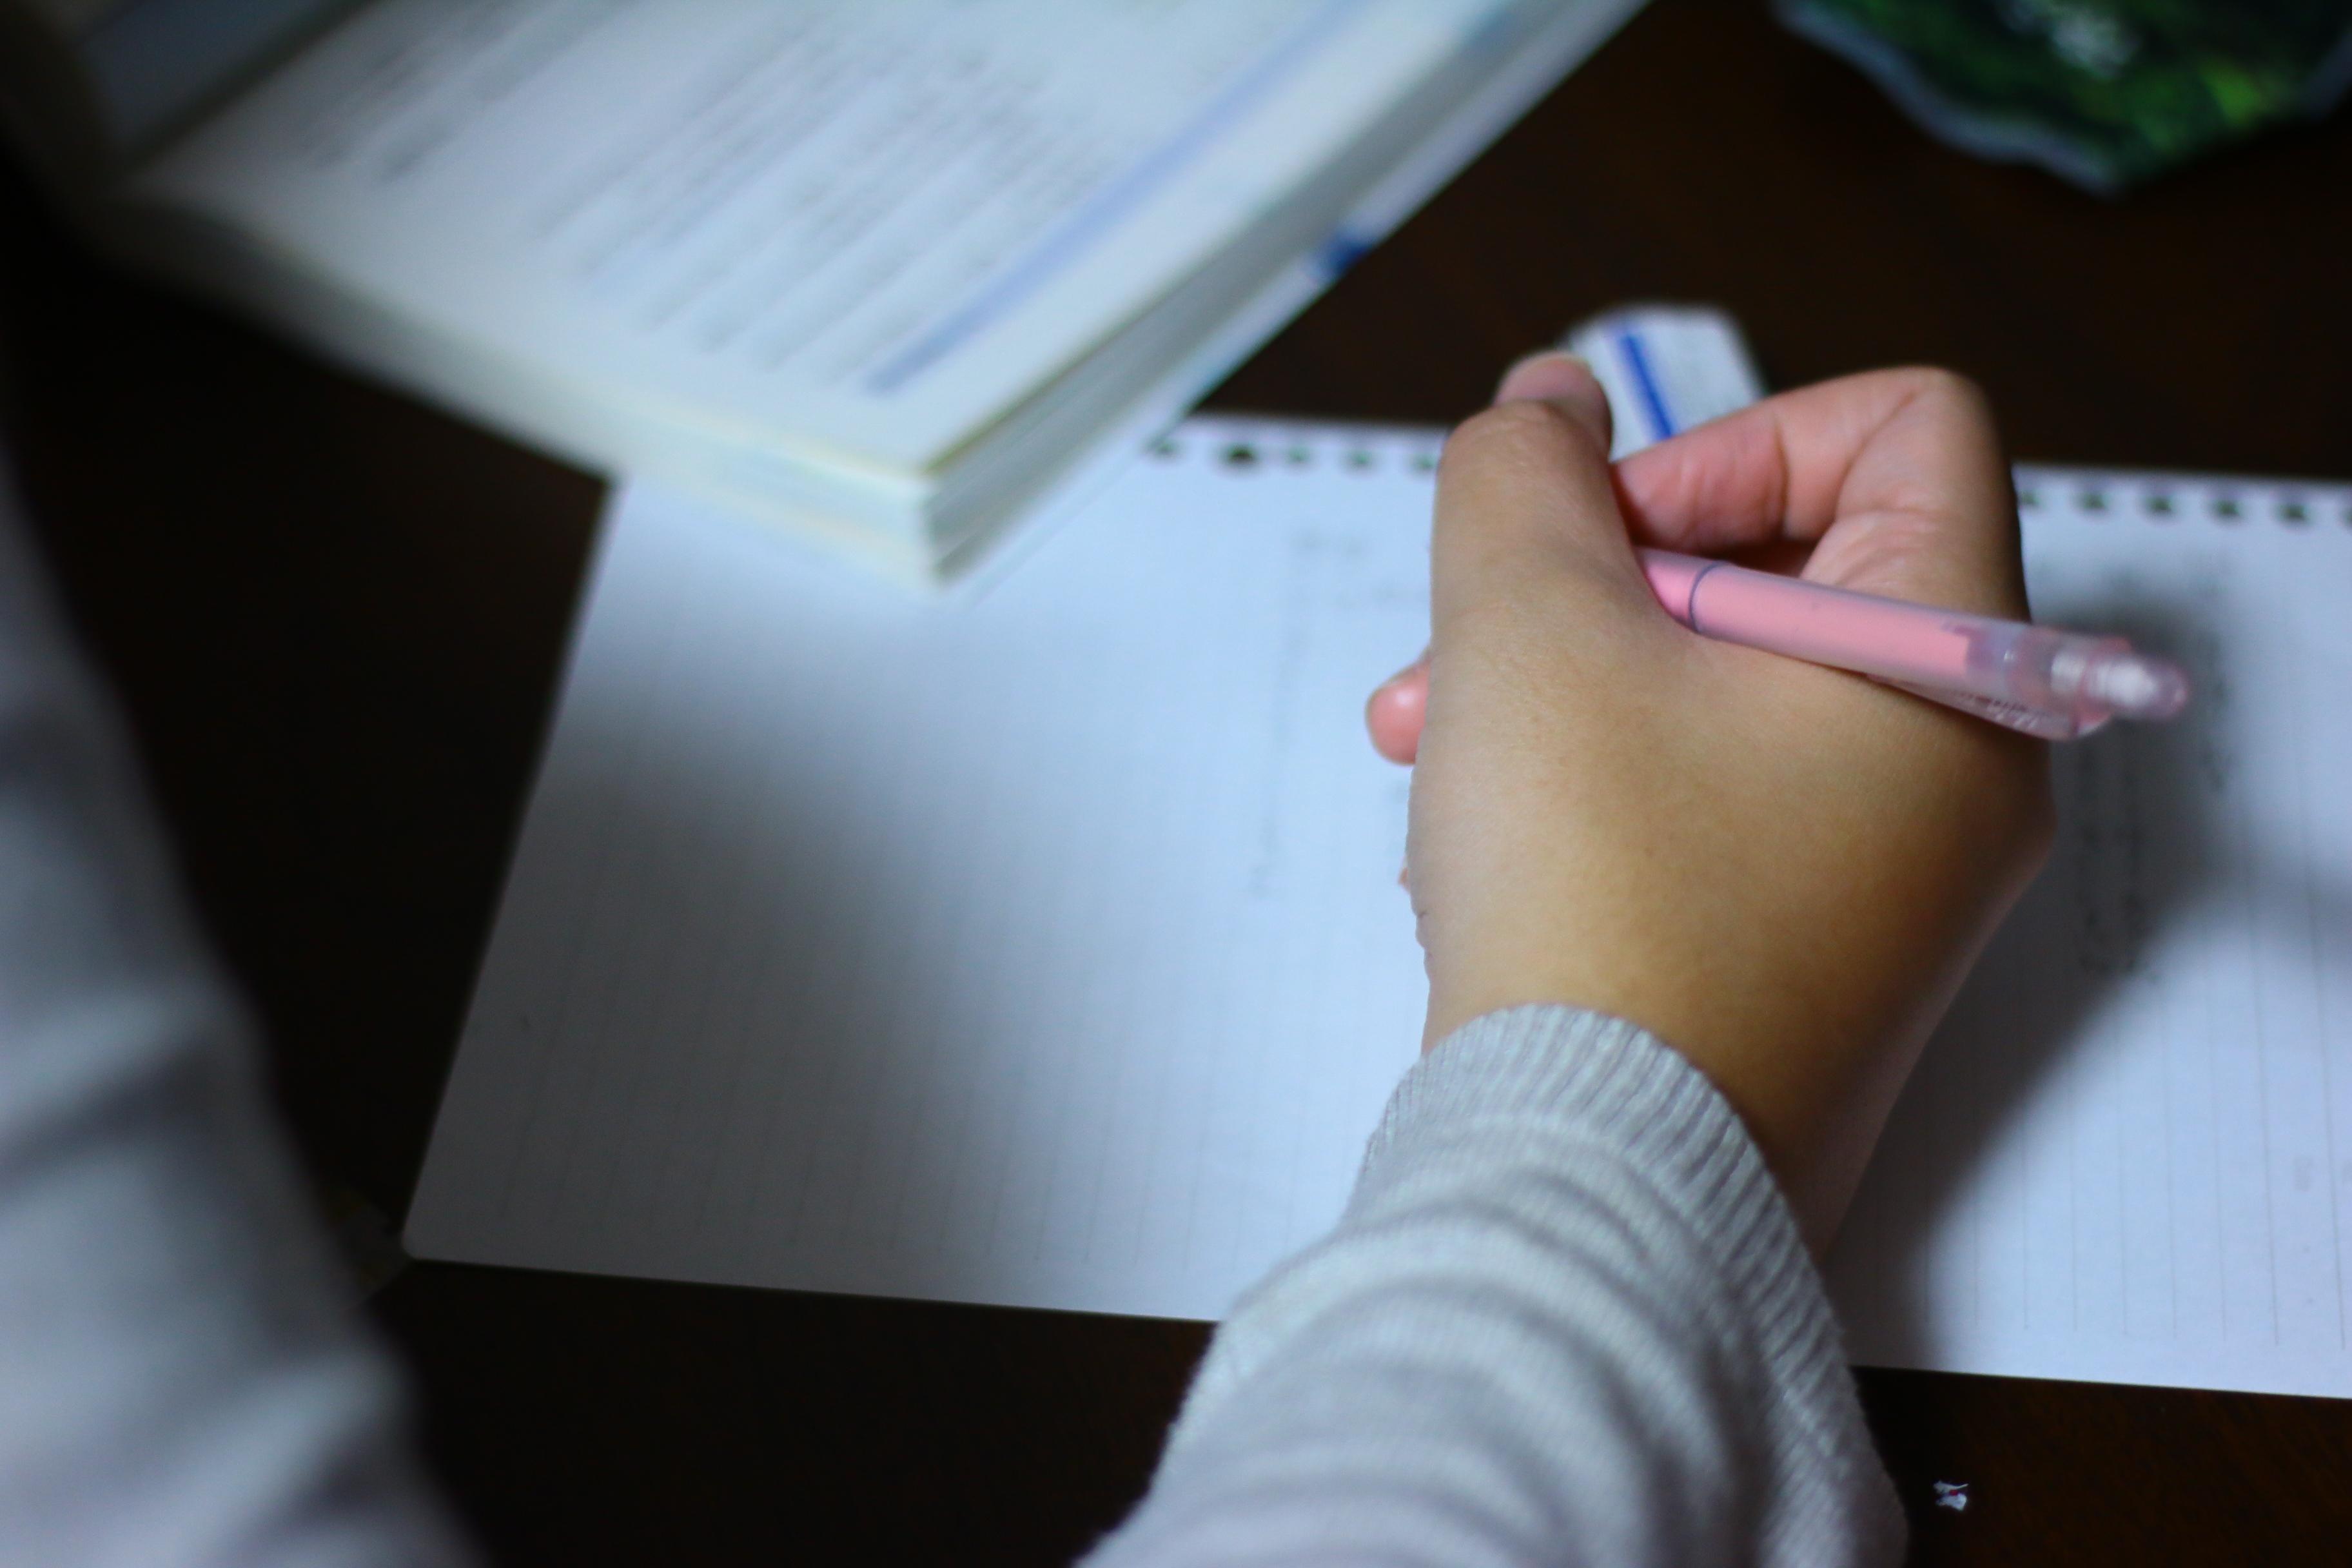 文章を書いている手の写真